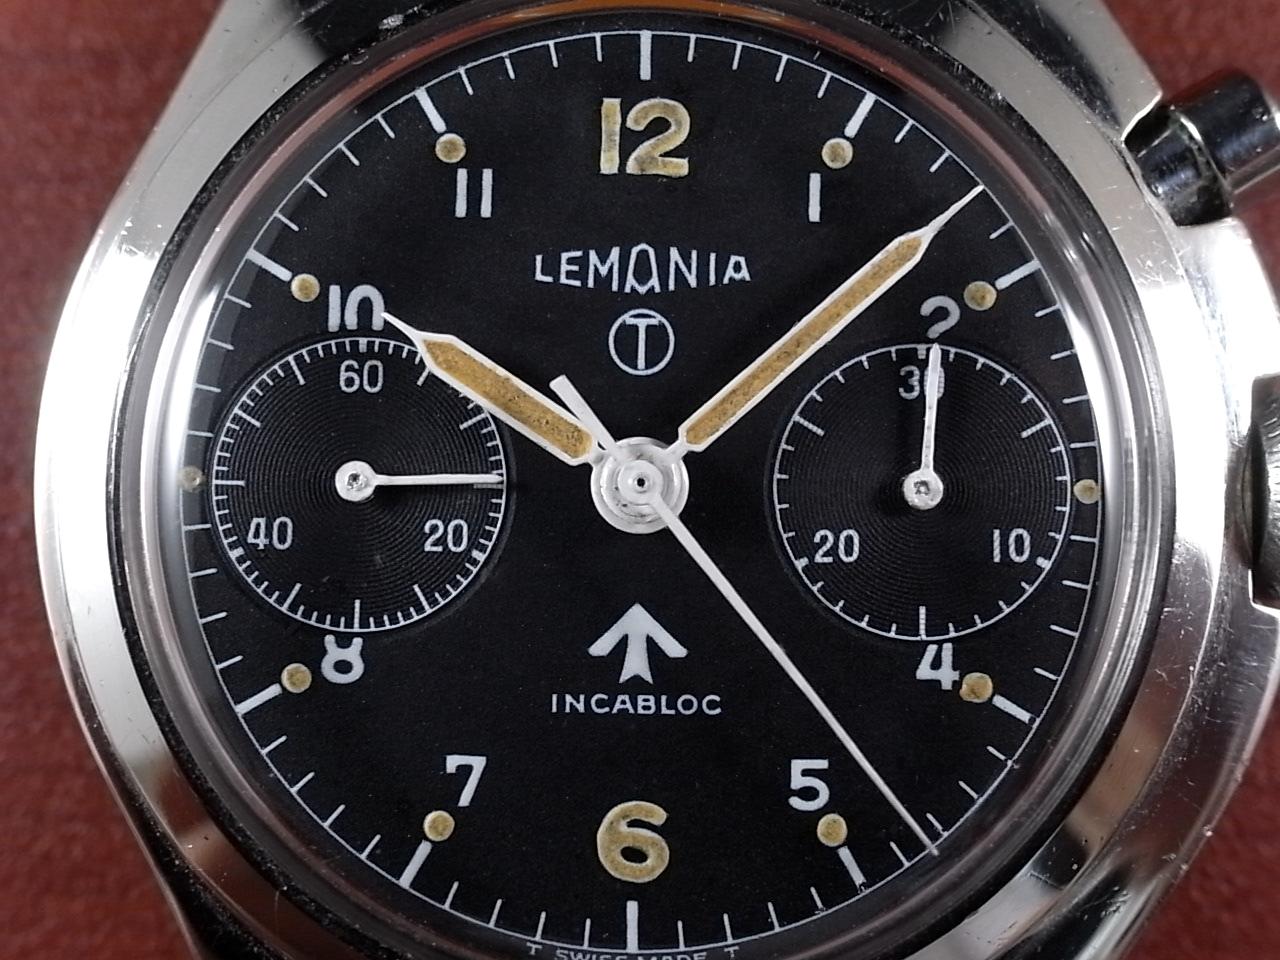 レマニア 軍用時計 イギリス空軍 6BB ワンプッシュクロノ 1960年代の写真2枚目